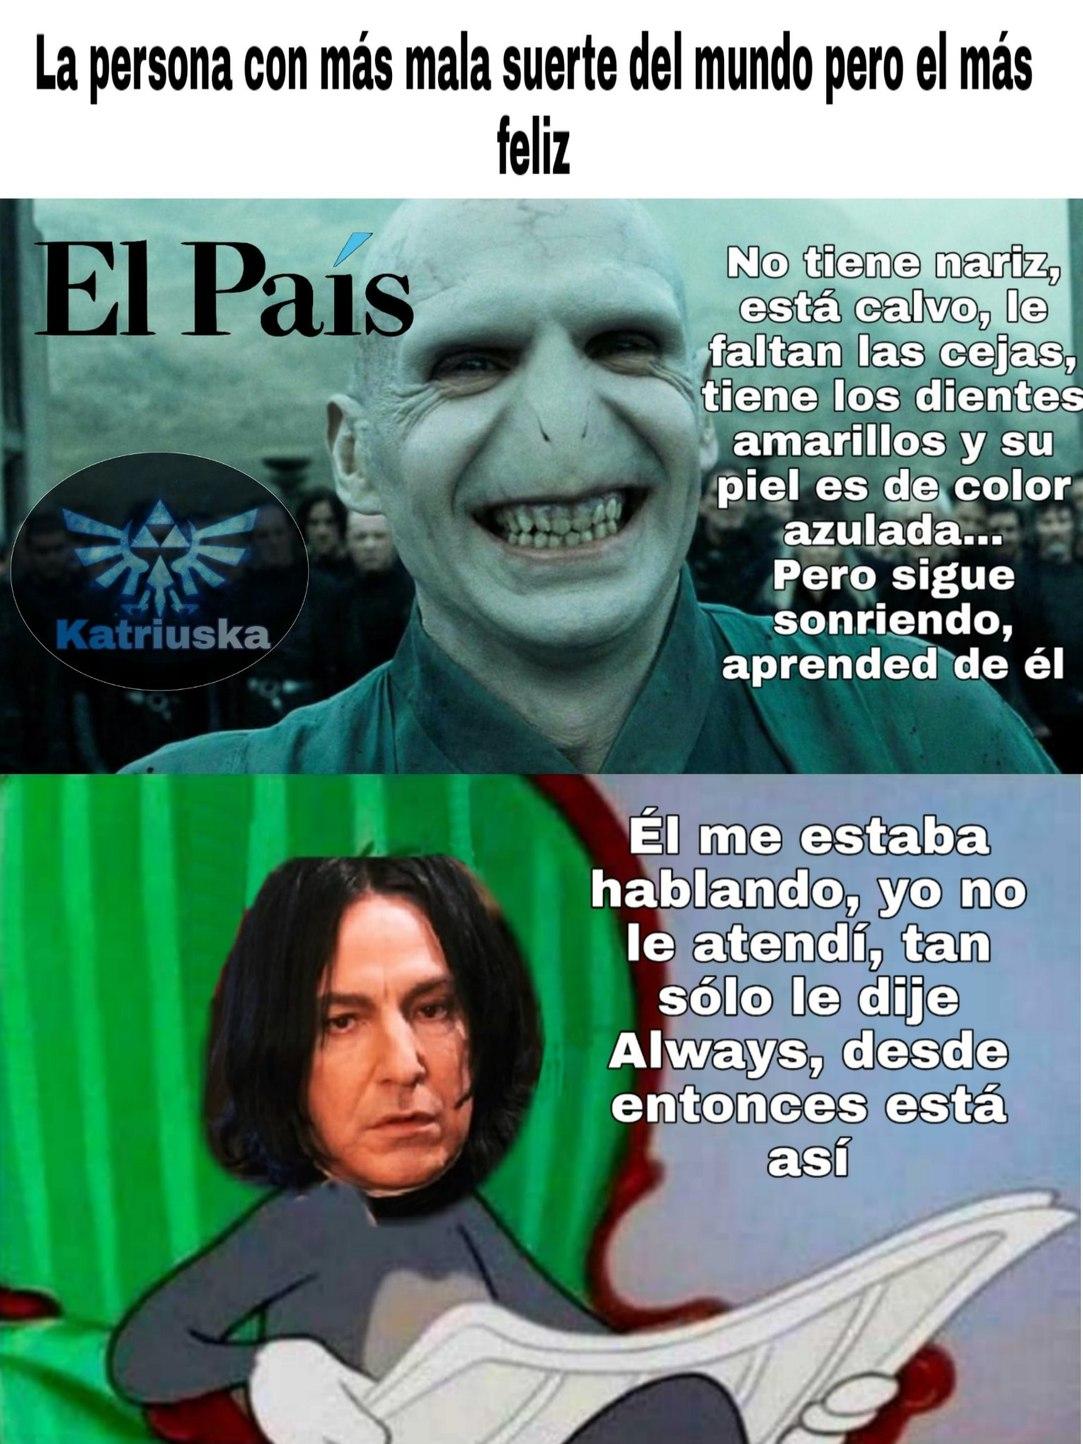 La felicidad de Voldemort - meme